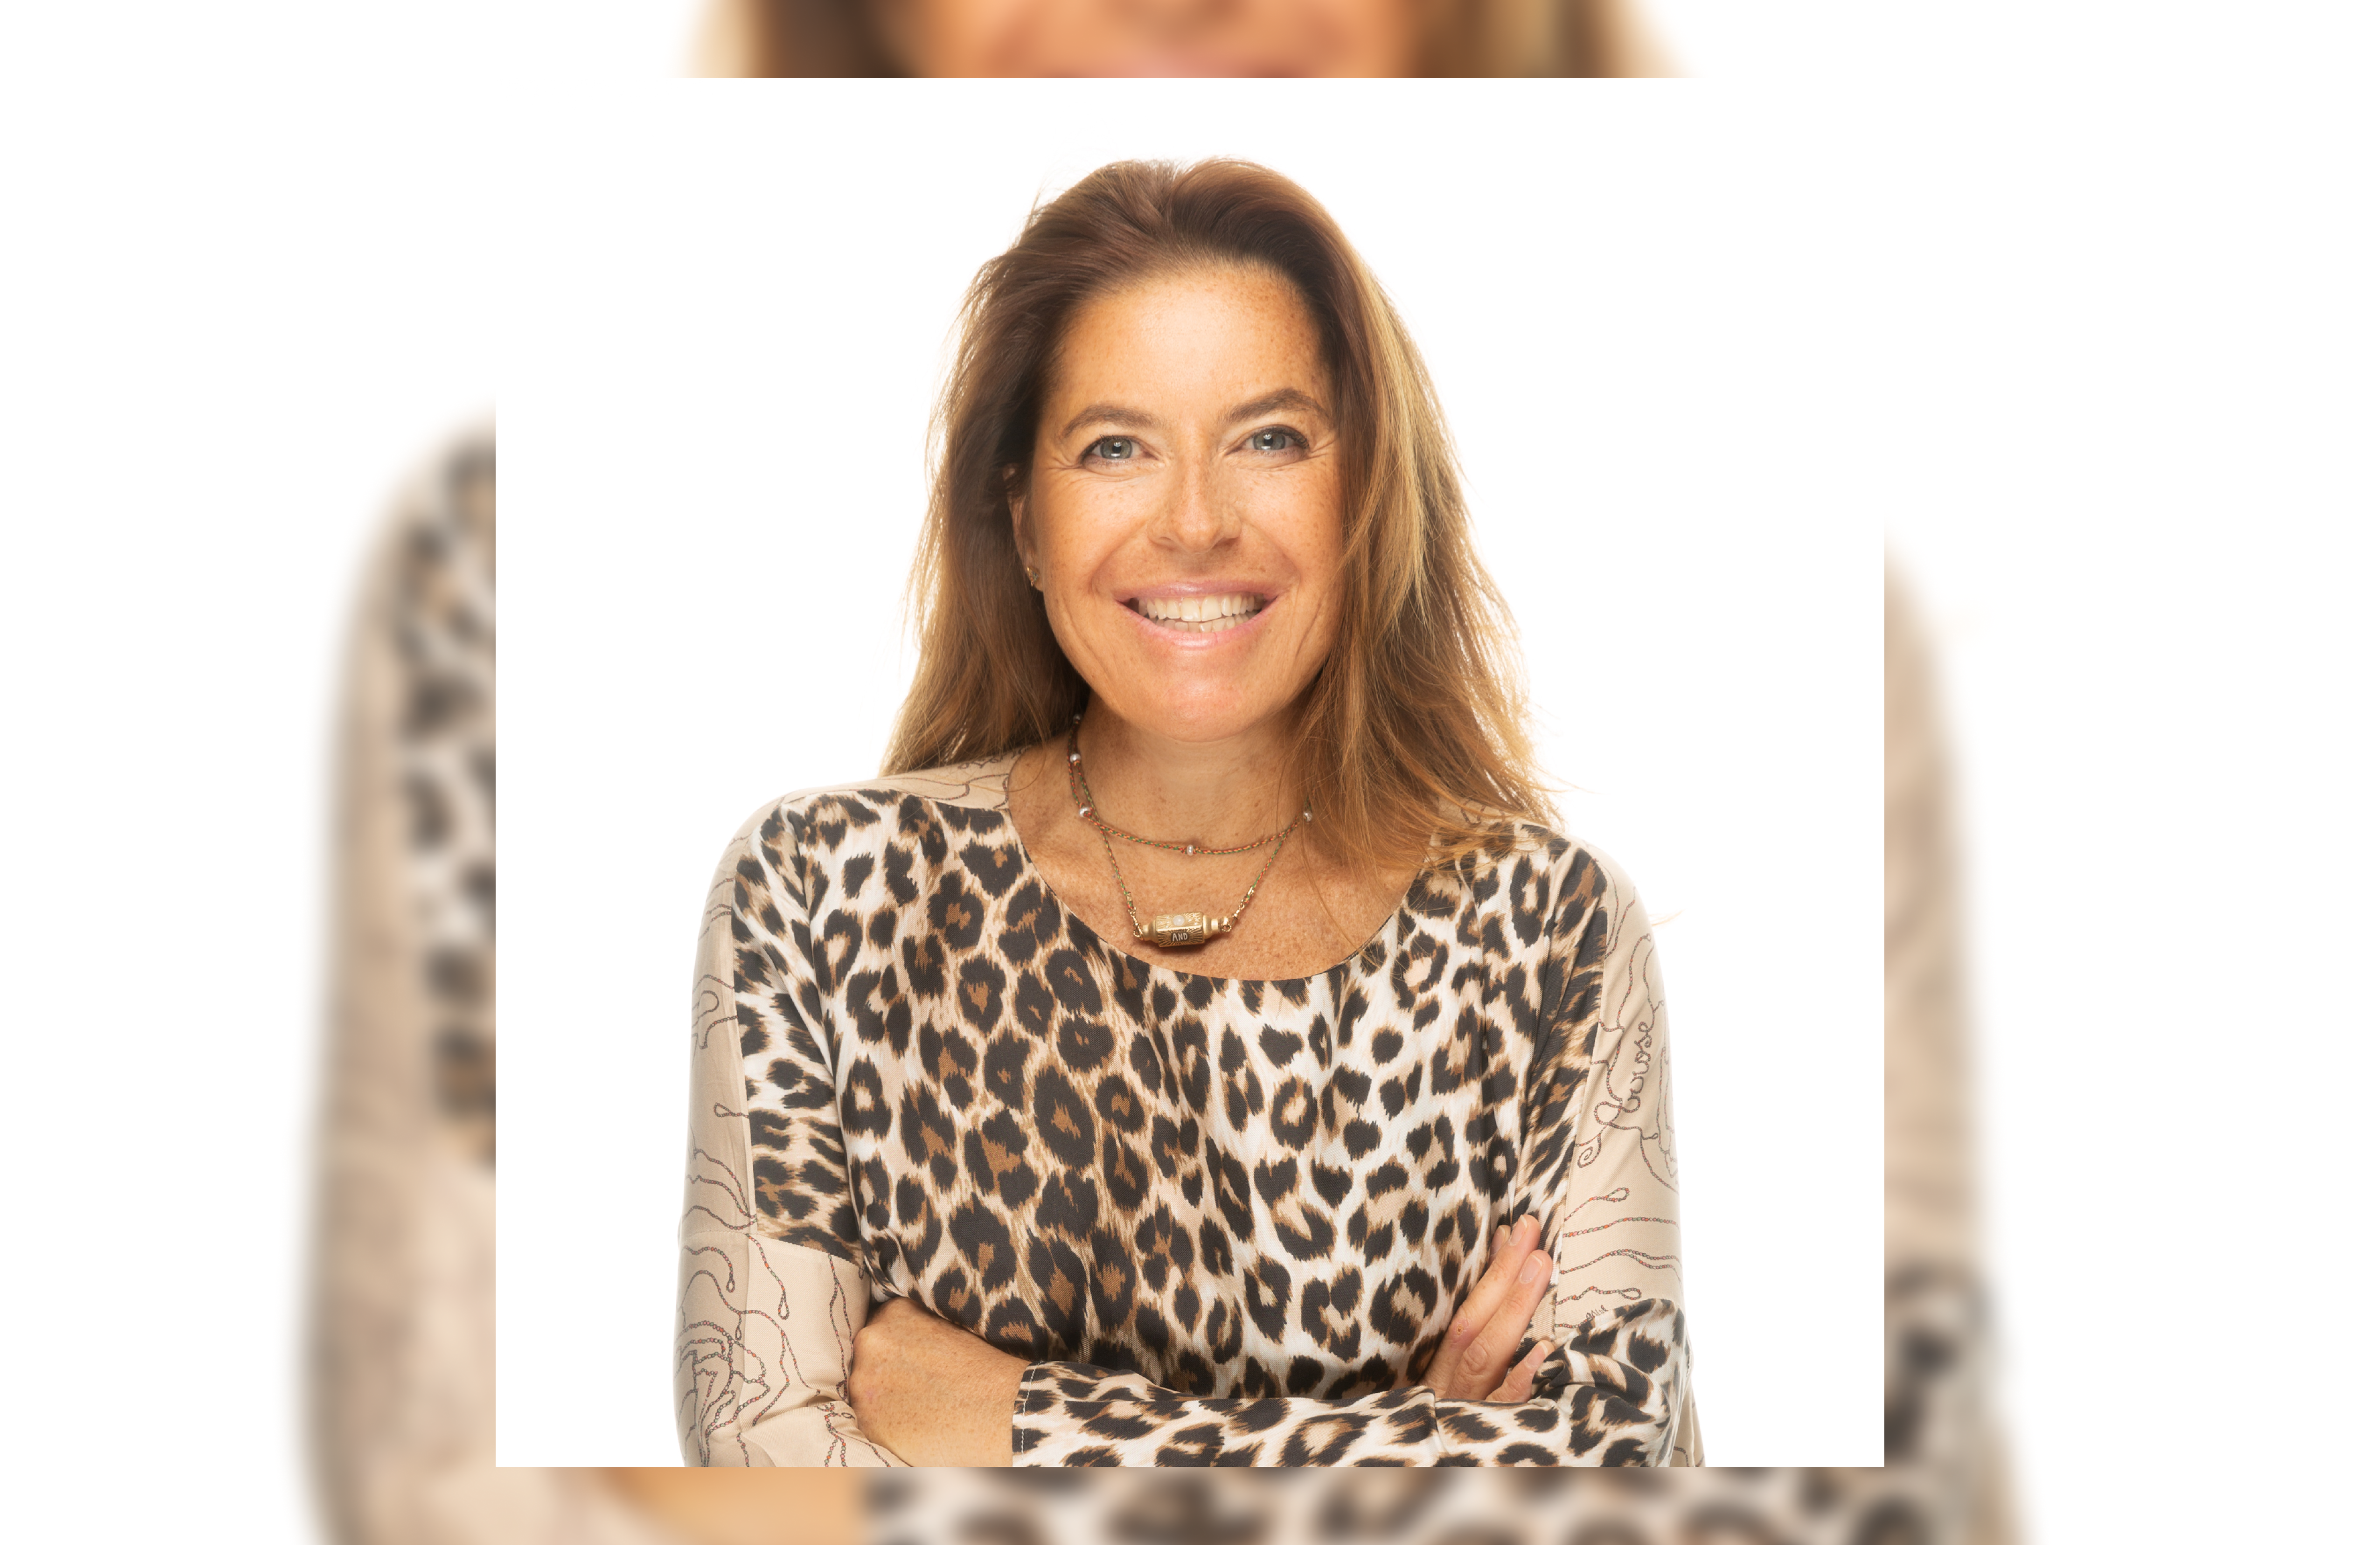 Julie Jacob, avocate spécialisée dans la haine en ligne